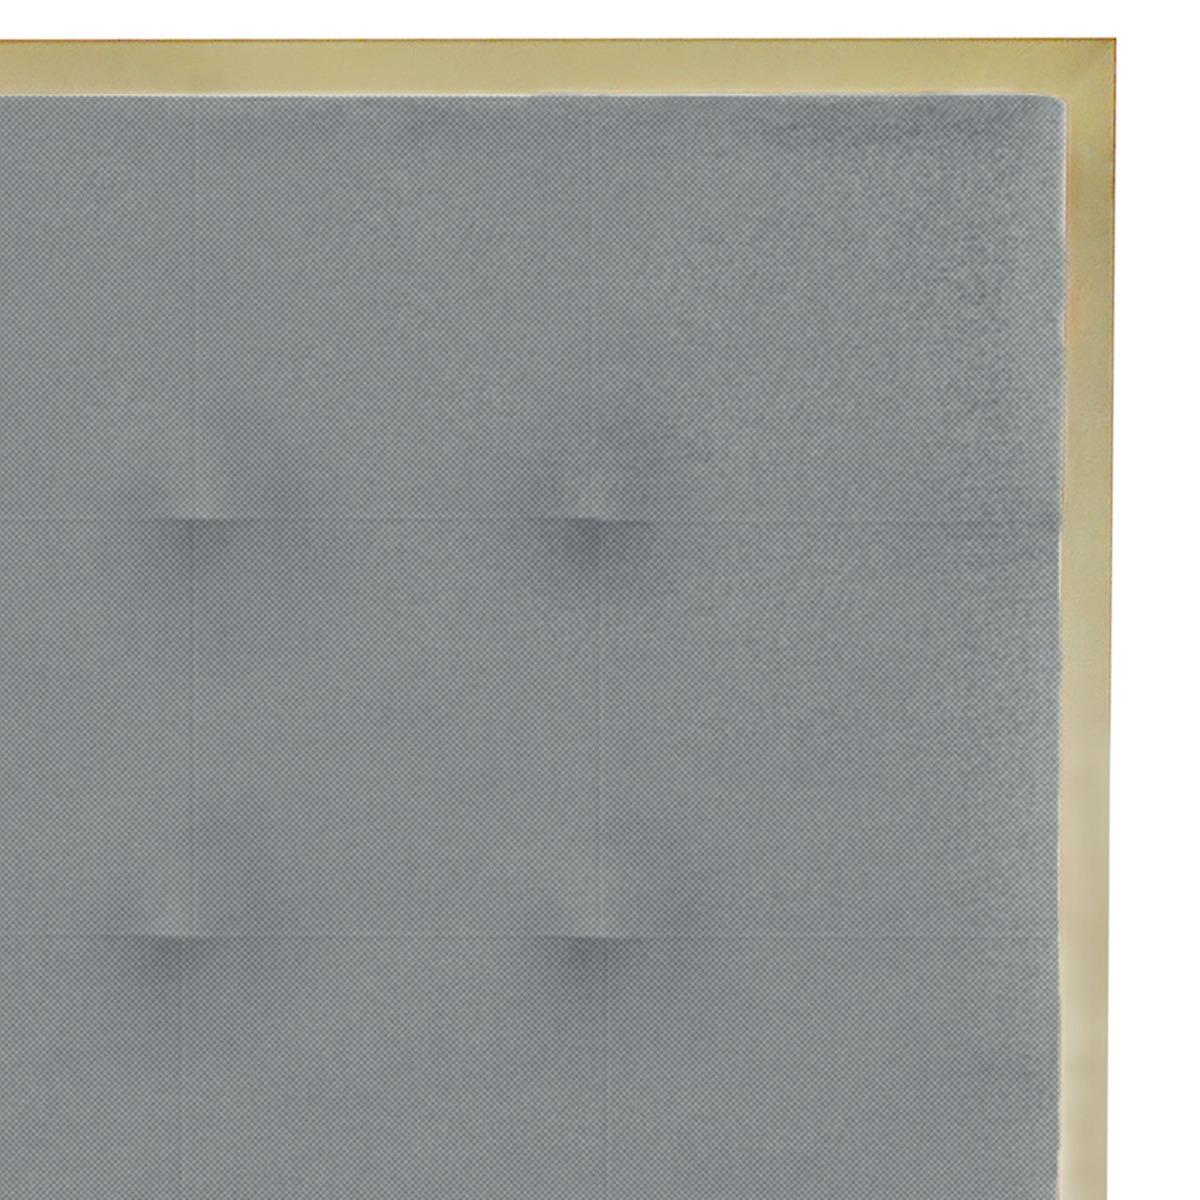 Hoofdeinde Donna 160 cm van goudkleurig metaal en lichtgrijze stof